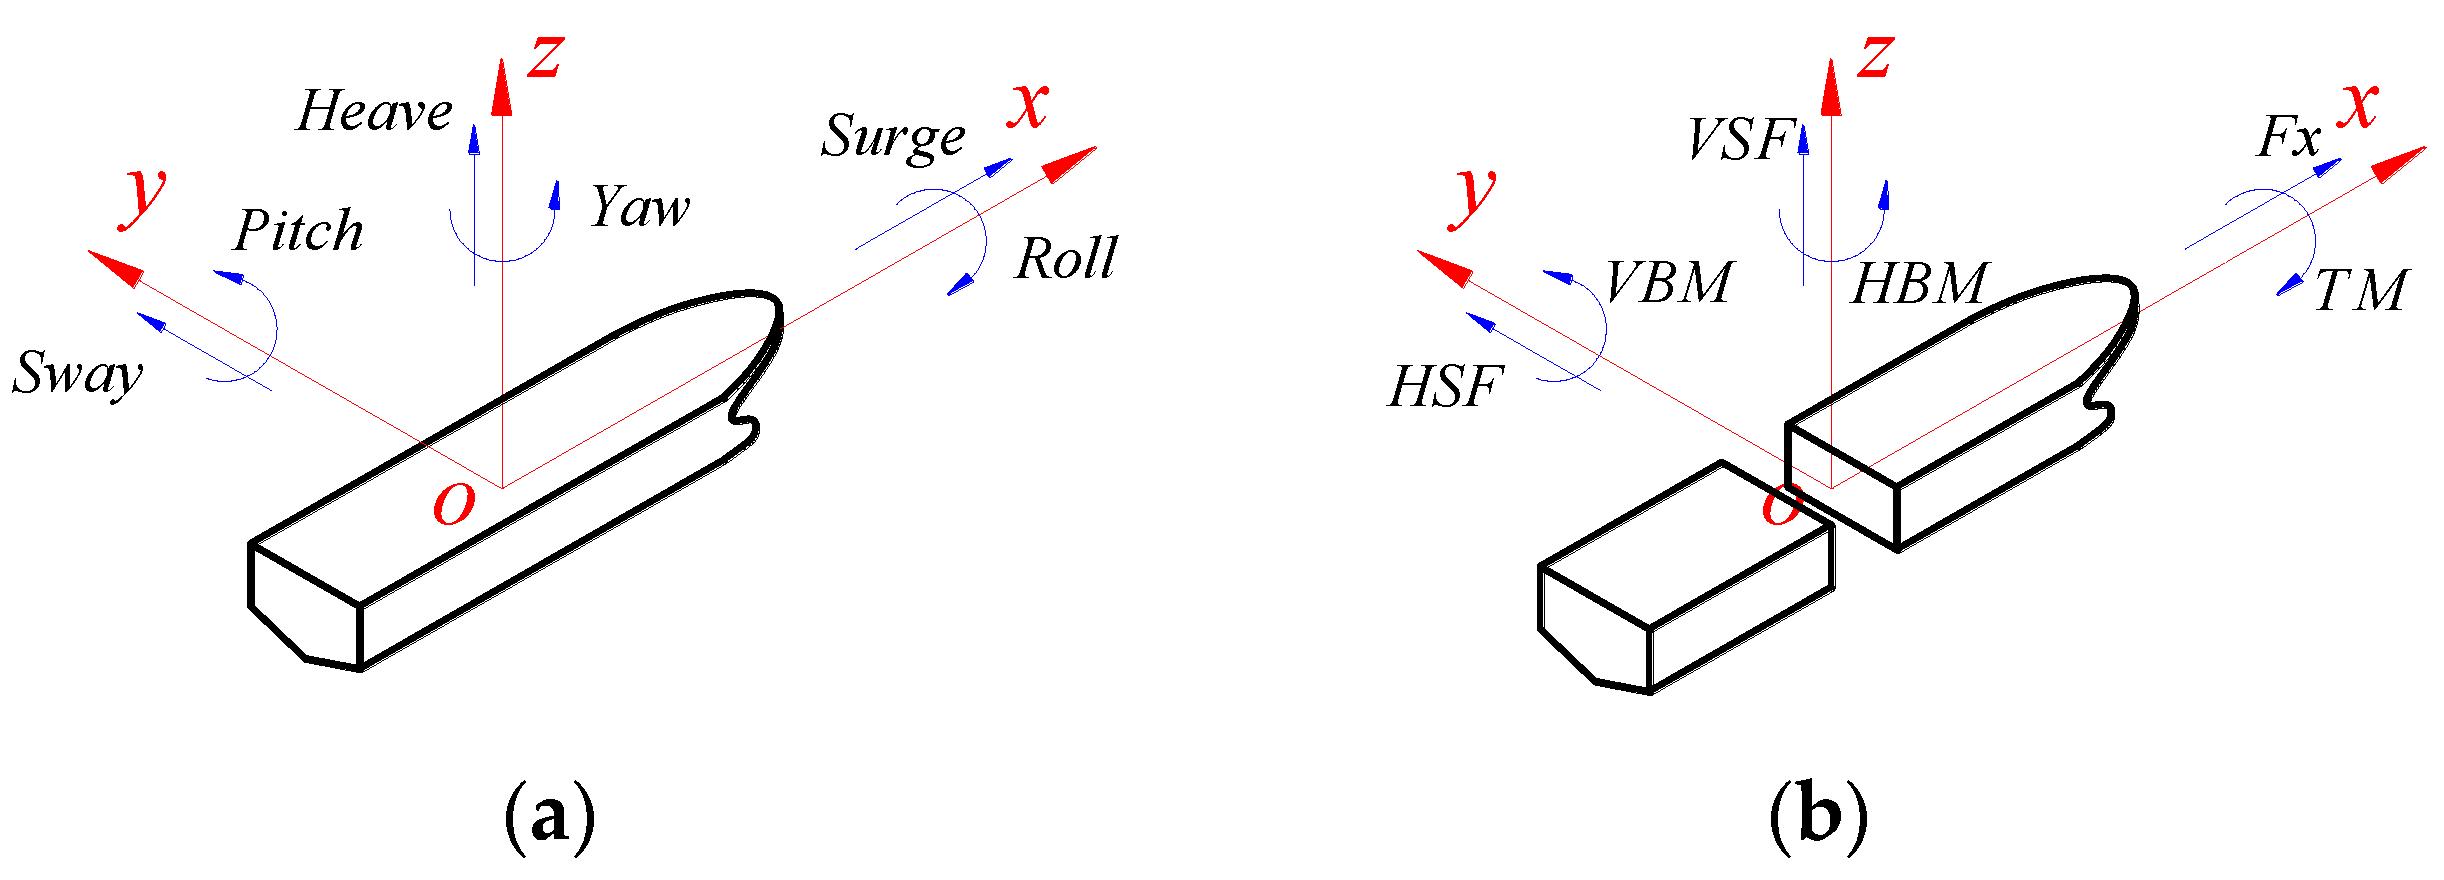 garmin 4 pinwiring diagram